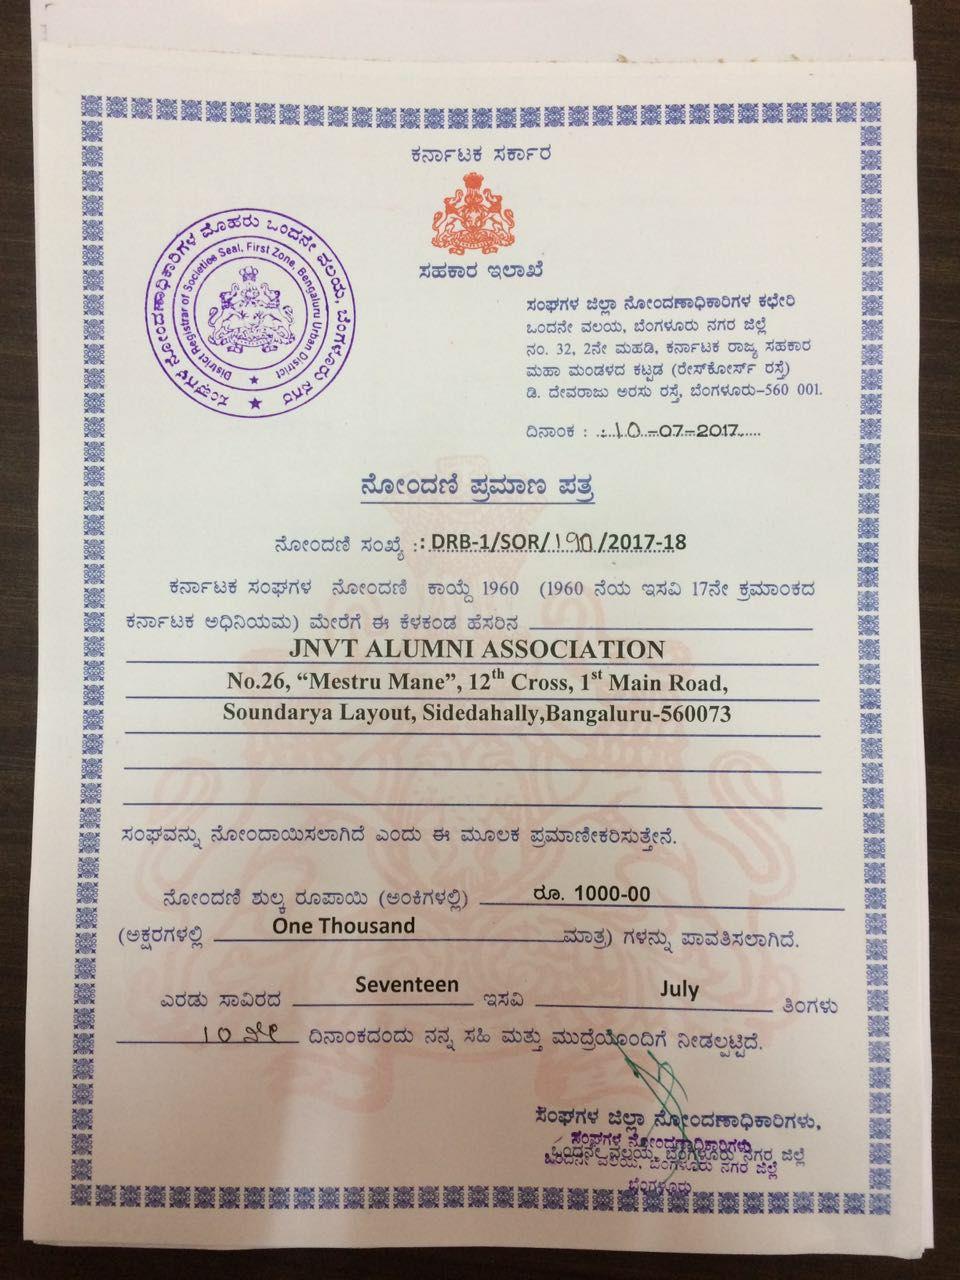 Association Registration